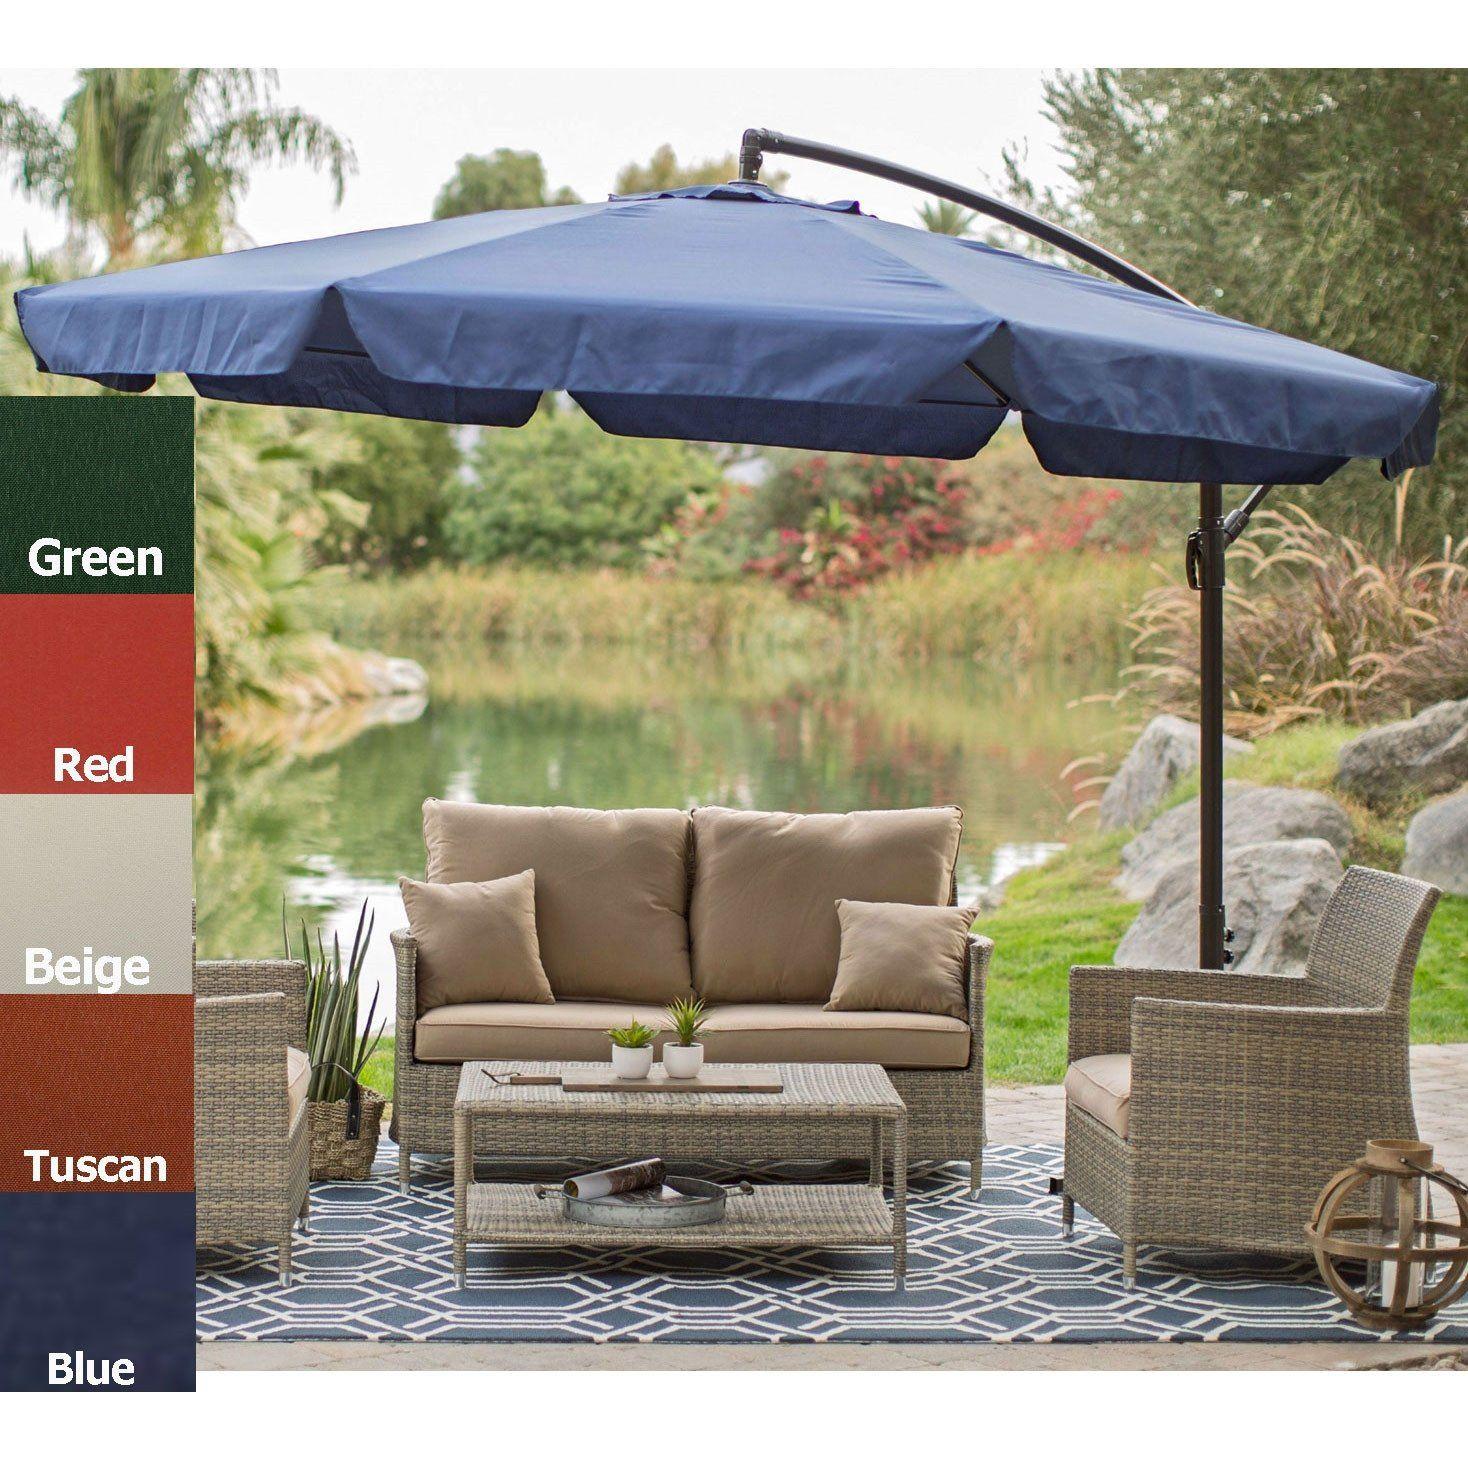 Orange Red 11 FT fset Patio Umbrella Gazebo With Canopy Base